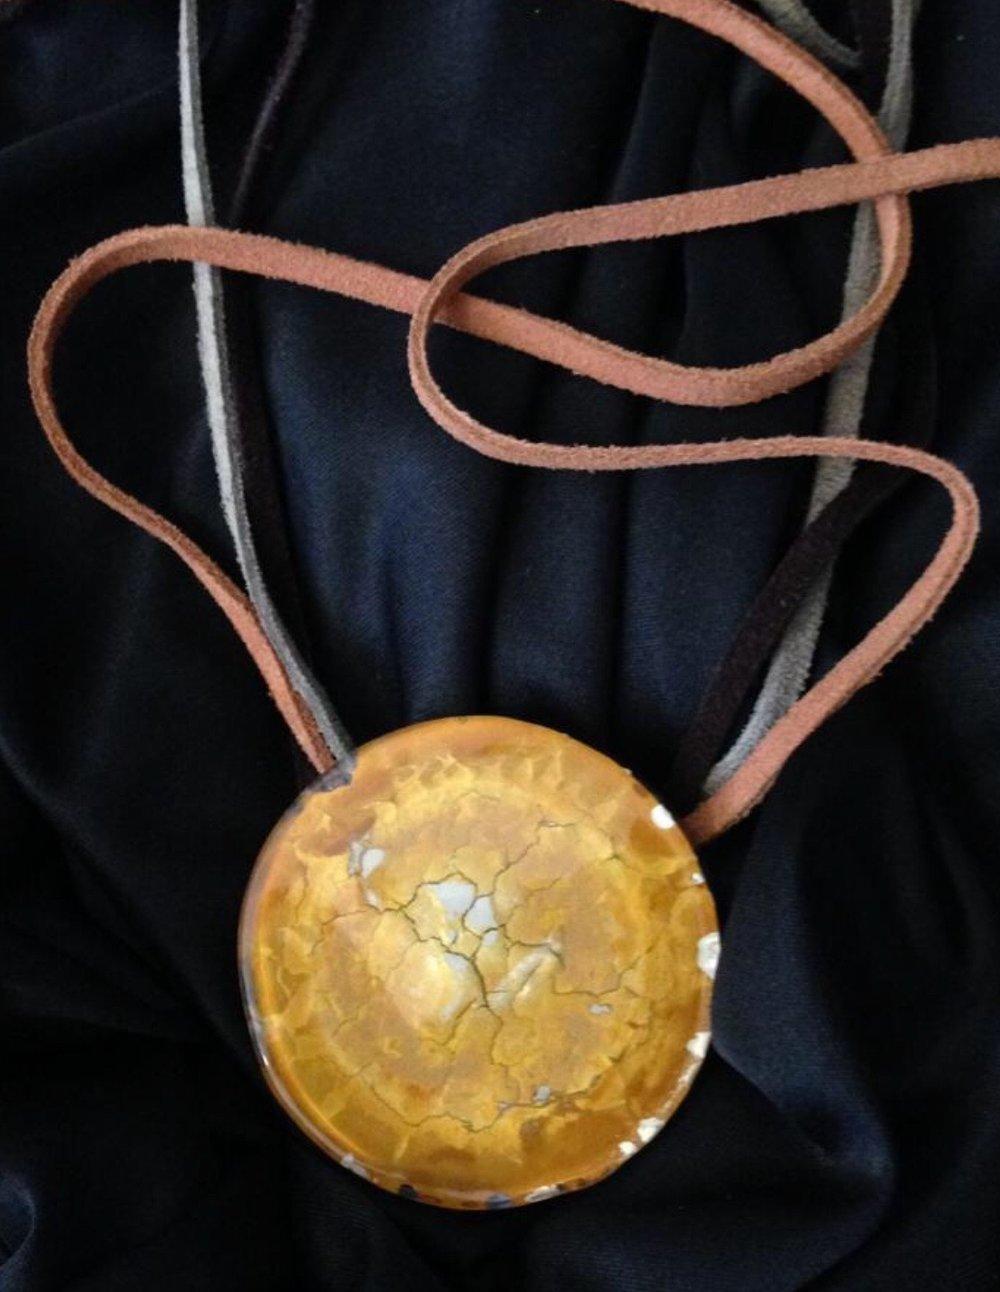 medalhão.jpg